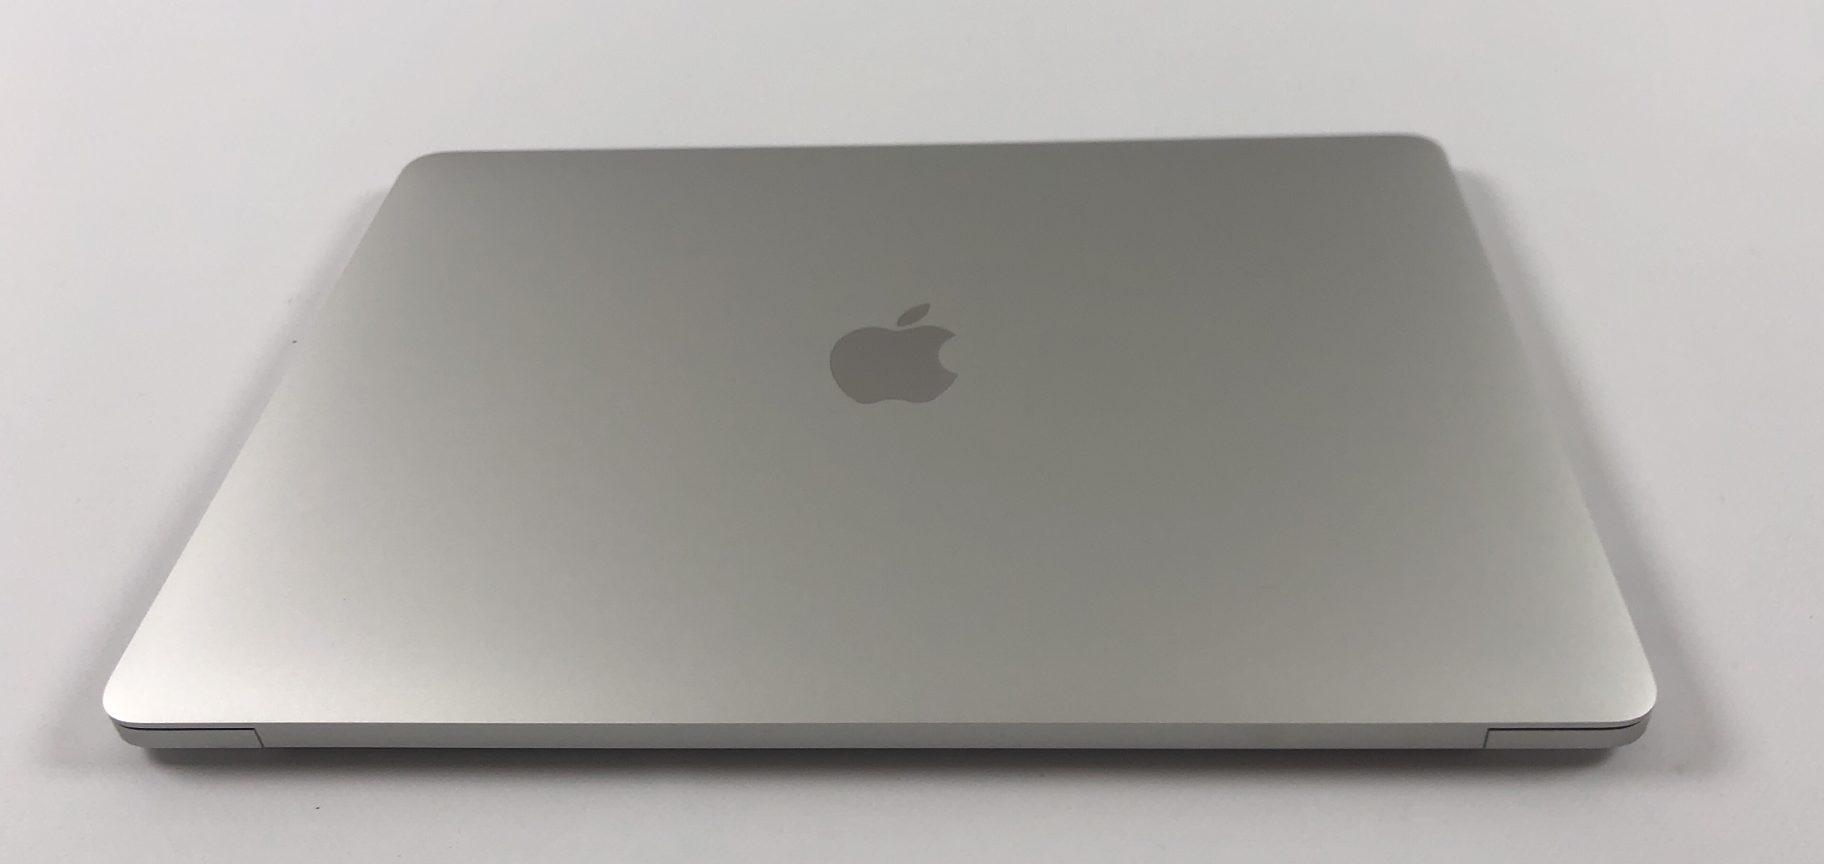 """MacBook Pro 13"""" 4TBT Mid 2018 (Intel Quad-Core i5 2.3 GHz 8 GB RAM 256 GB SSD), Silver, Intel Quad-Core i5 2.3 GHz, 8 GB RAM, 256 GB SSD, imagen 2"""